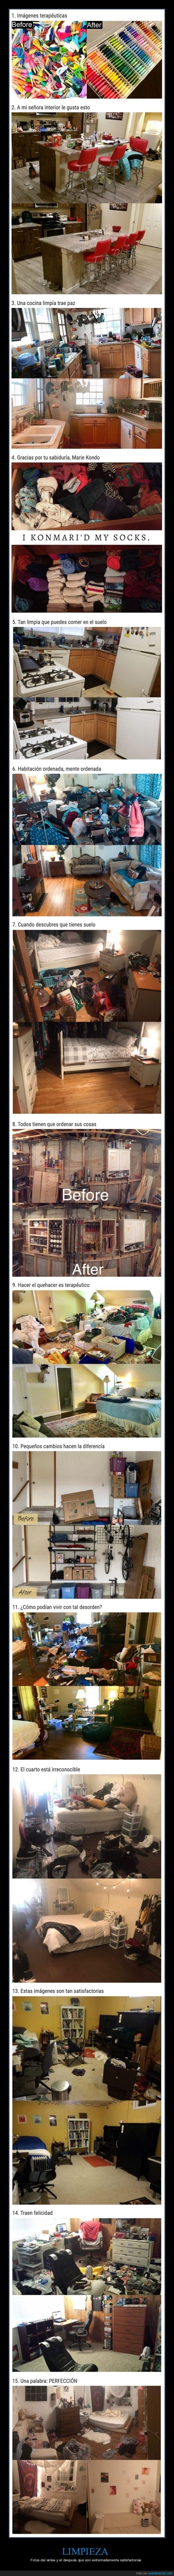 antes,después,limpieza,orden